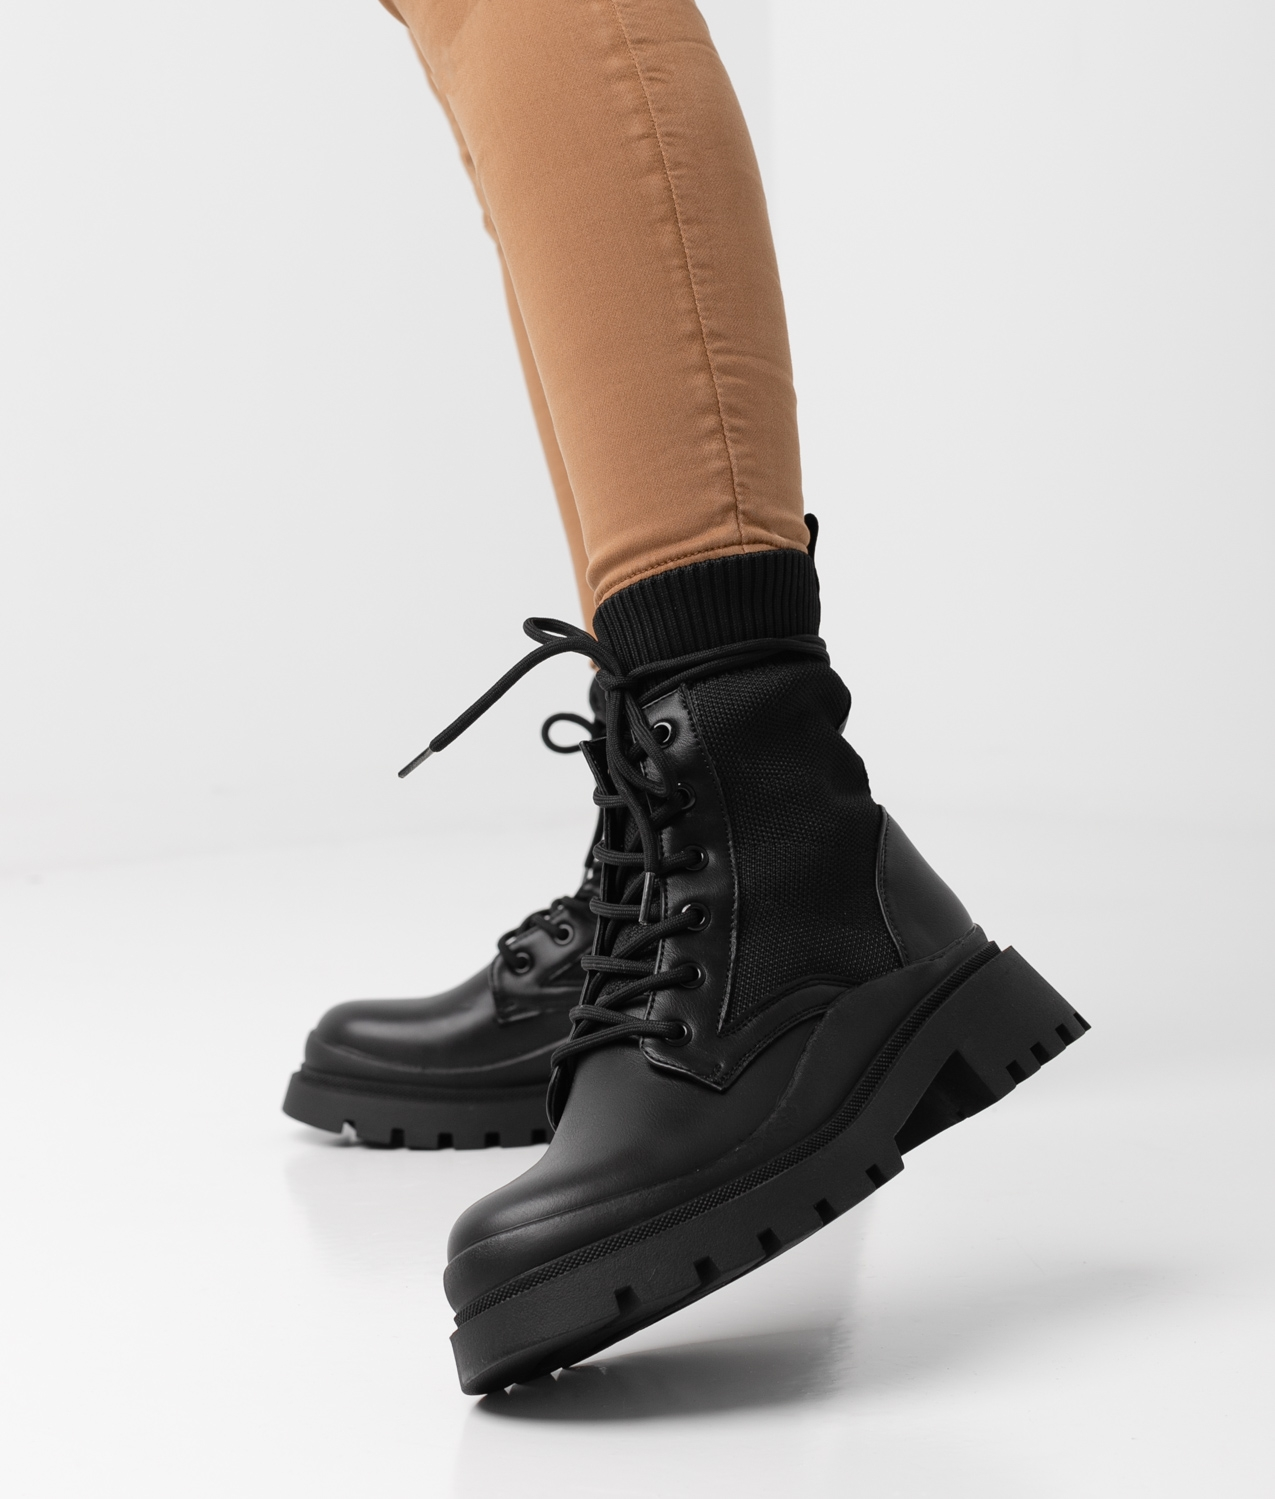 OPONO BOOT - BLACK